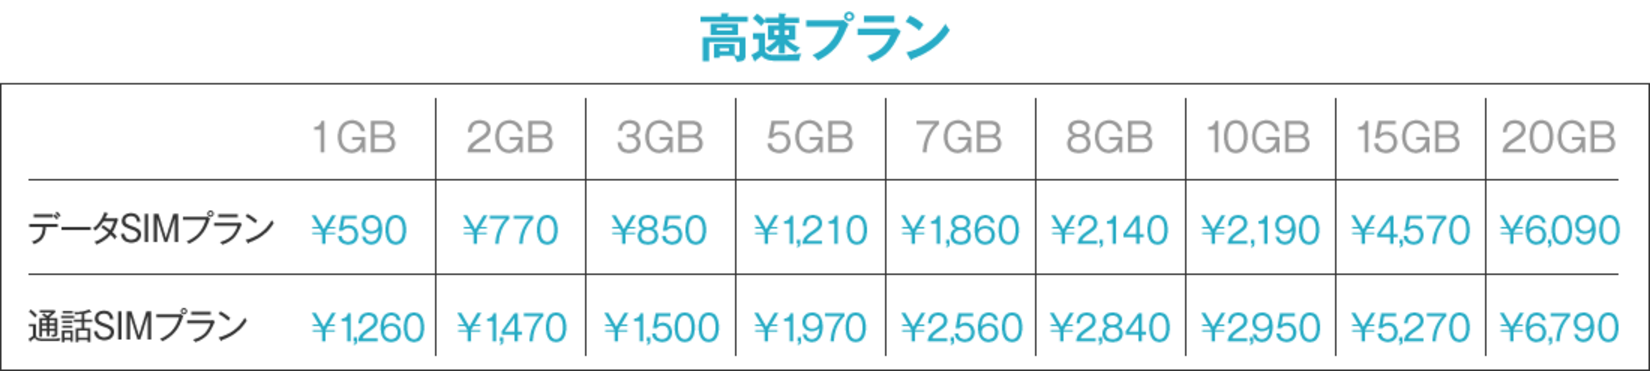 格安SIMを選ぶなら、断然DMM mobileがおトク!